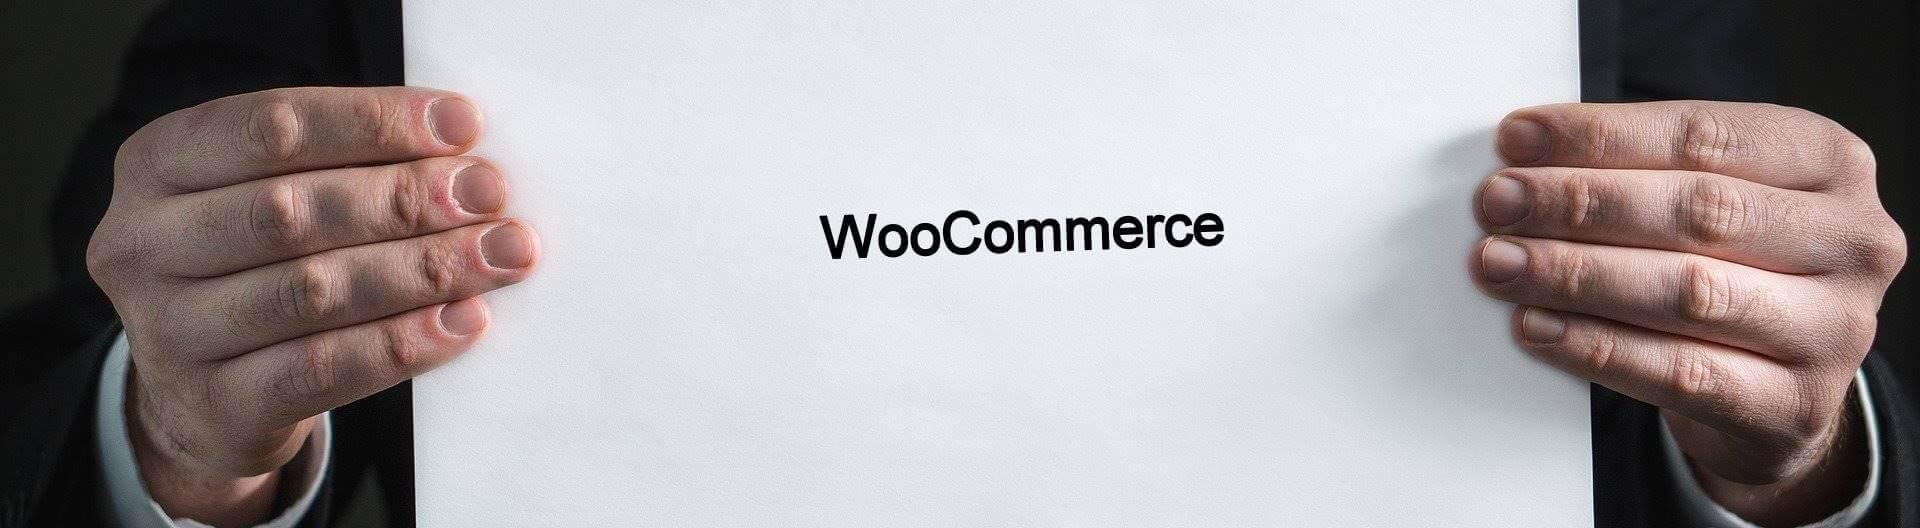 Warum man Woocommerce und WordPress als Basis für einen erfolgreichen Onlineshop benutzen sollte - Webdesign Hechthausen